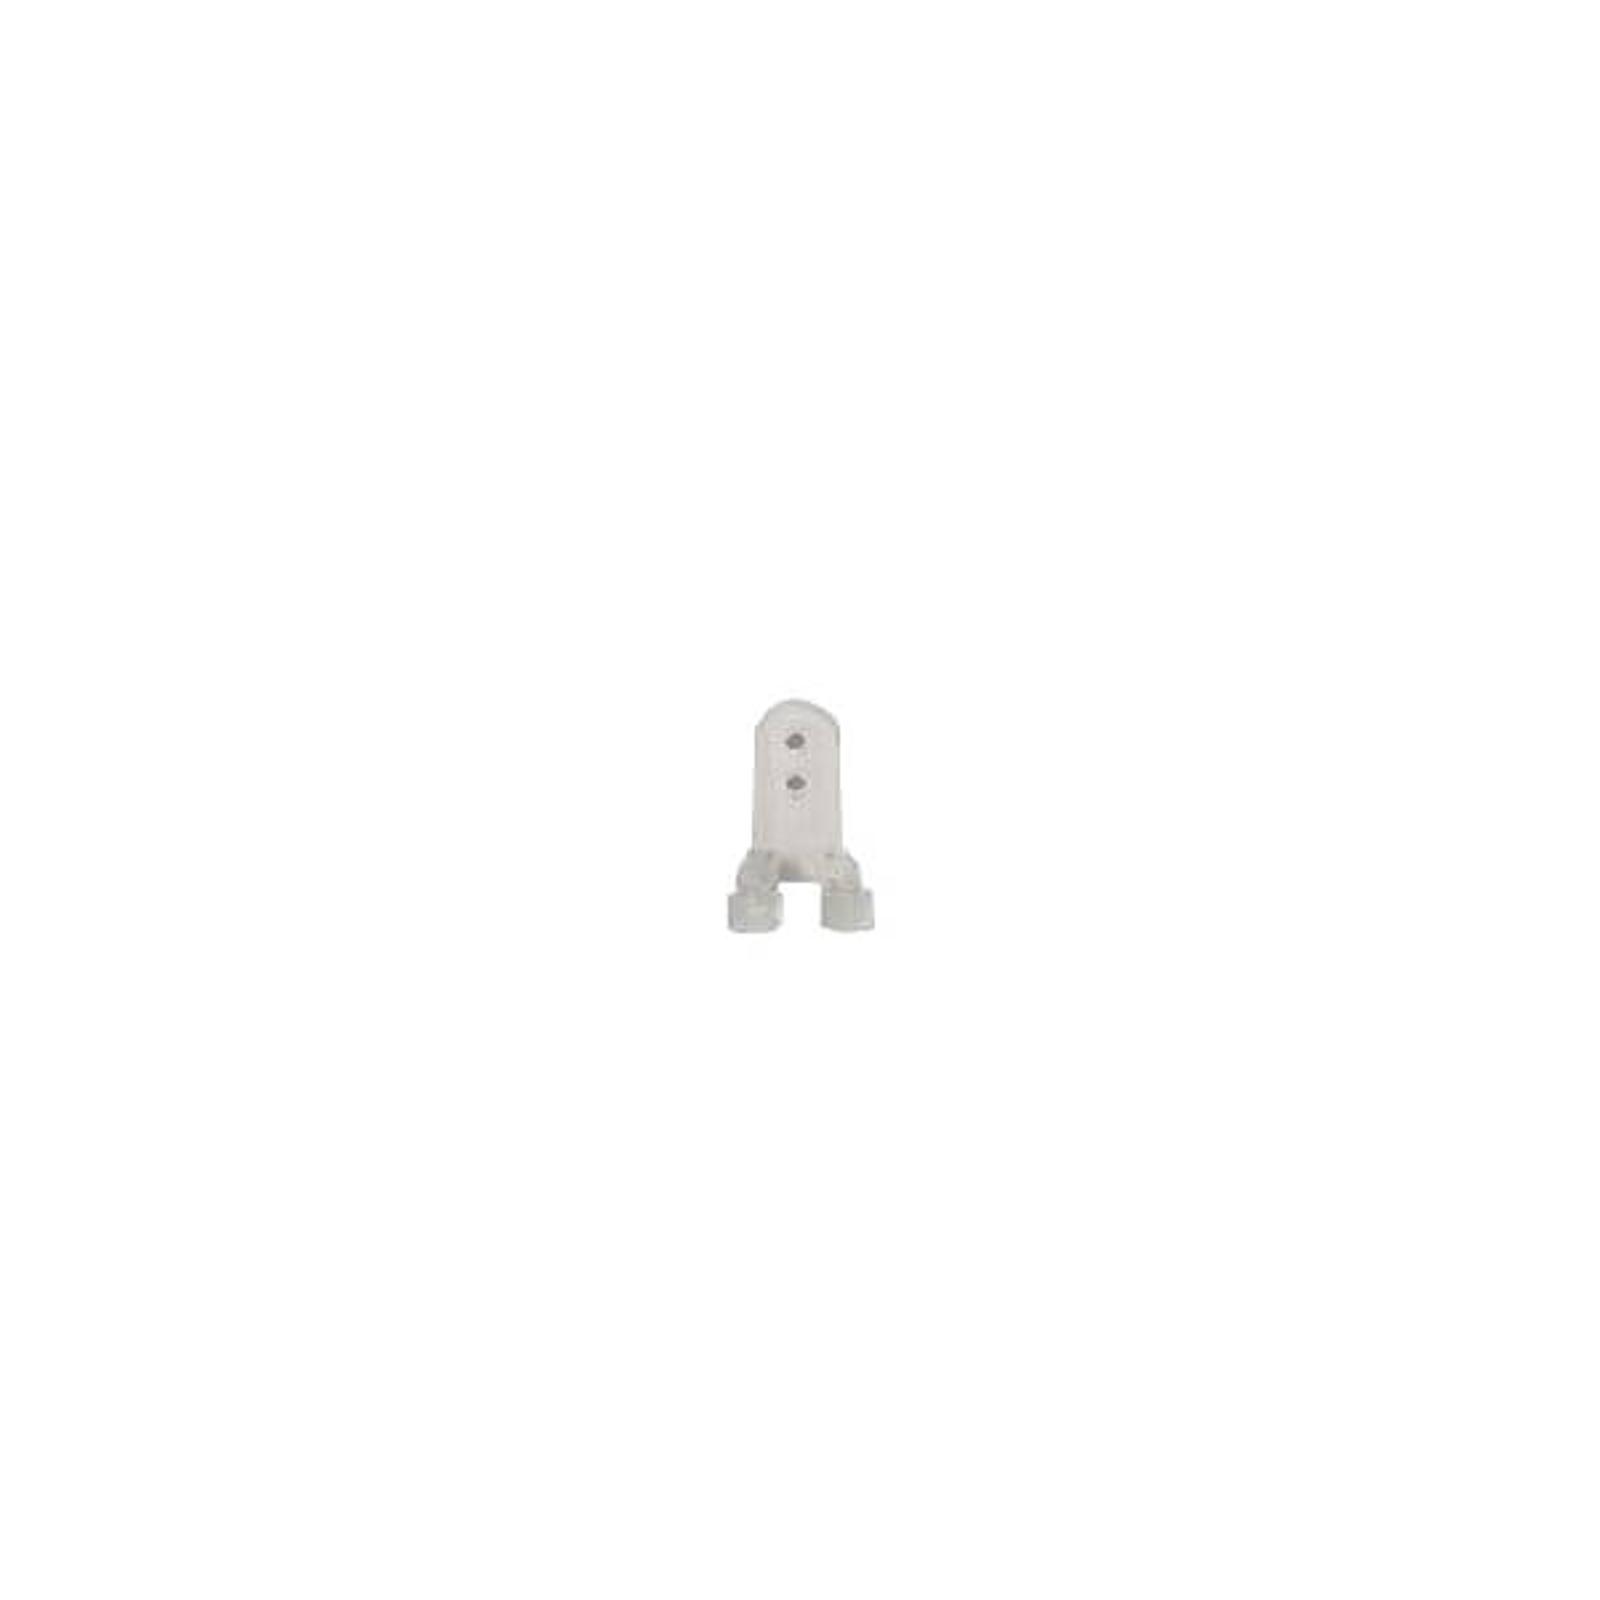 Clips für  Lichtschlauch 13mm-Ropelight Reel